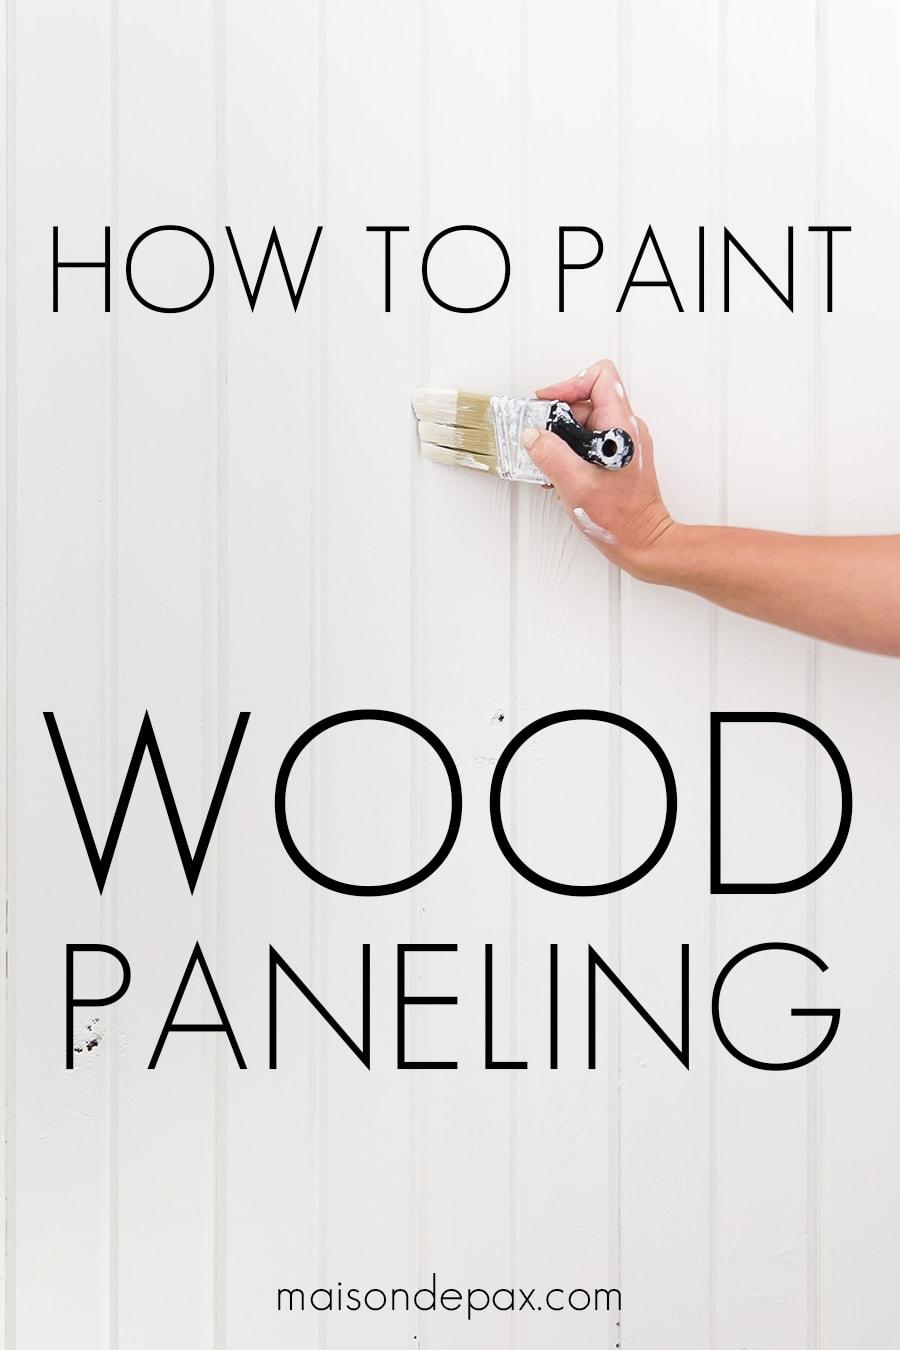 how to paint wood paneling | Maison de Pax